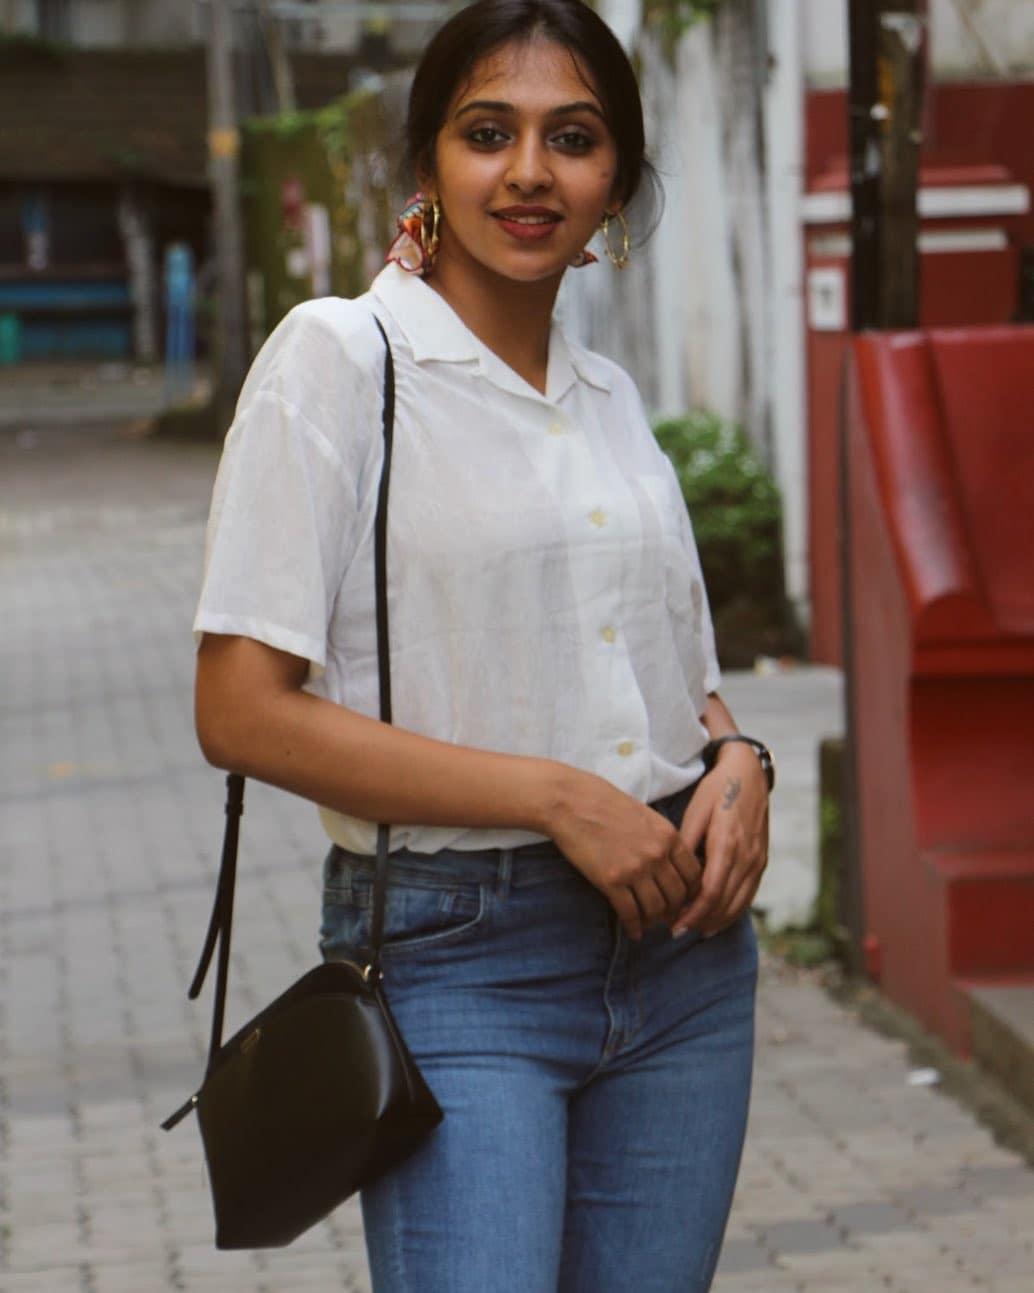 நடிகை லட்சுமி மேனன் ( Image : Instagram @lakshmimenon967)